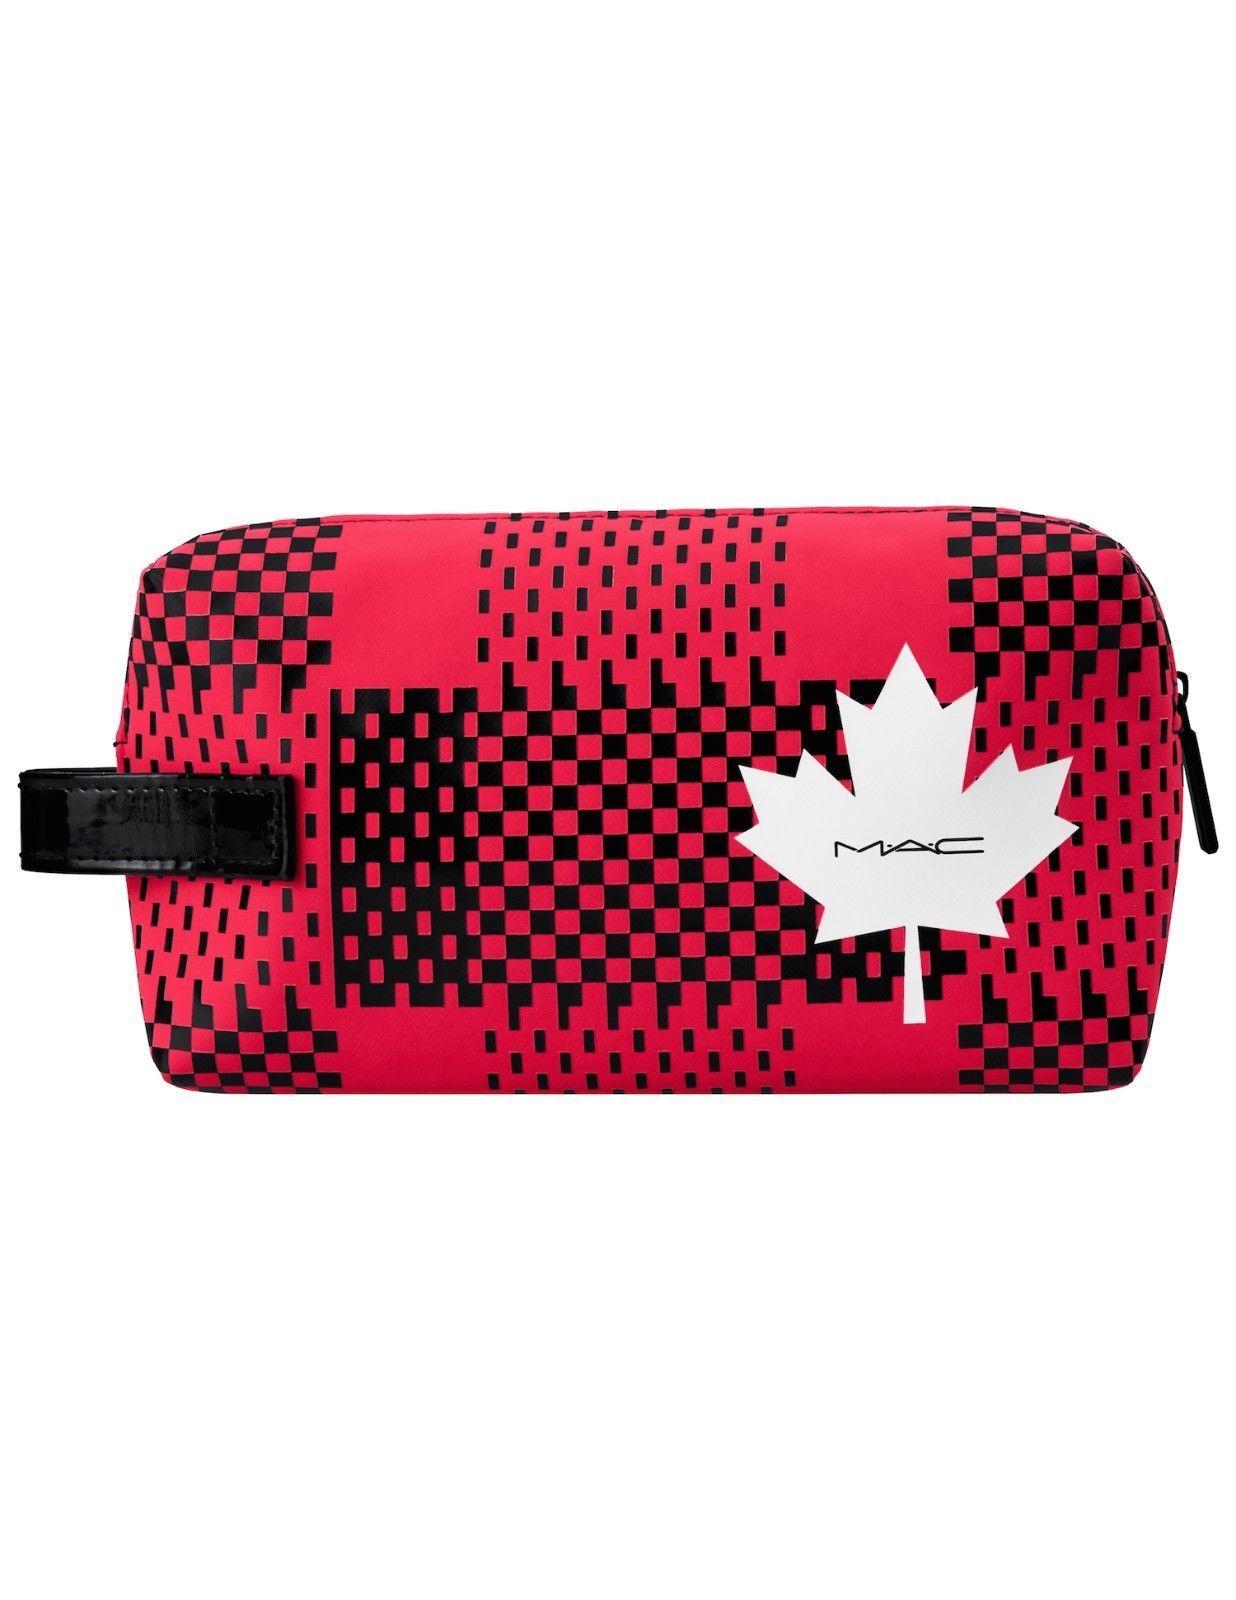 Mac Proud To Be Canadian Makeup Bag - $29.99